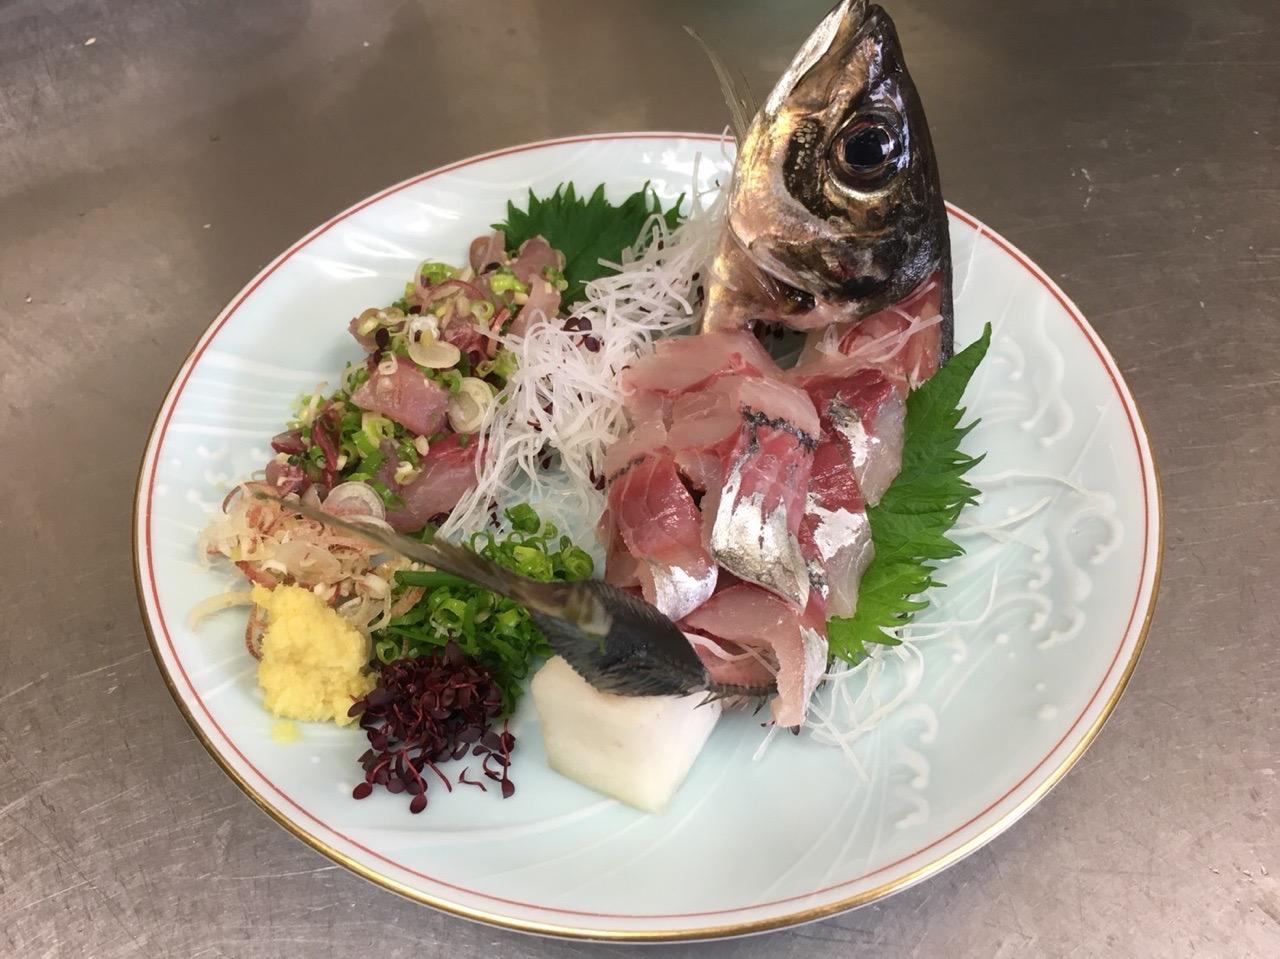 本陣定食由比港水揚げの新鮮なお刺身がセットされた定食です。